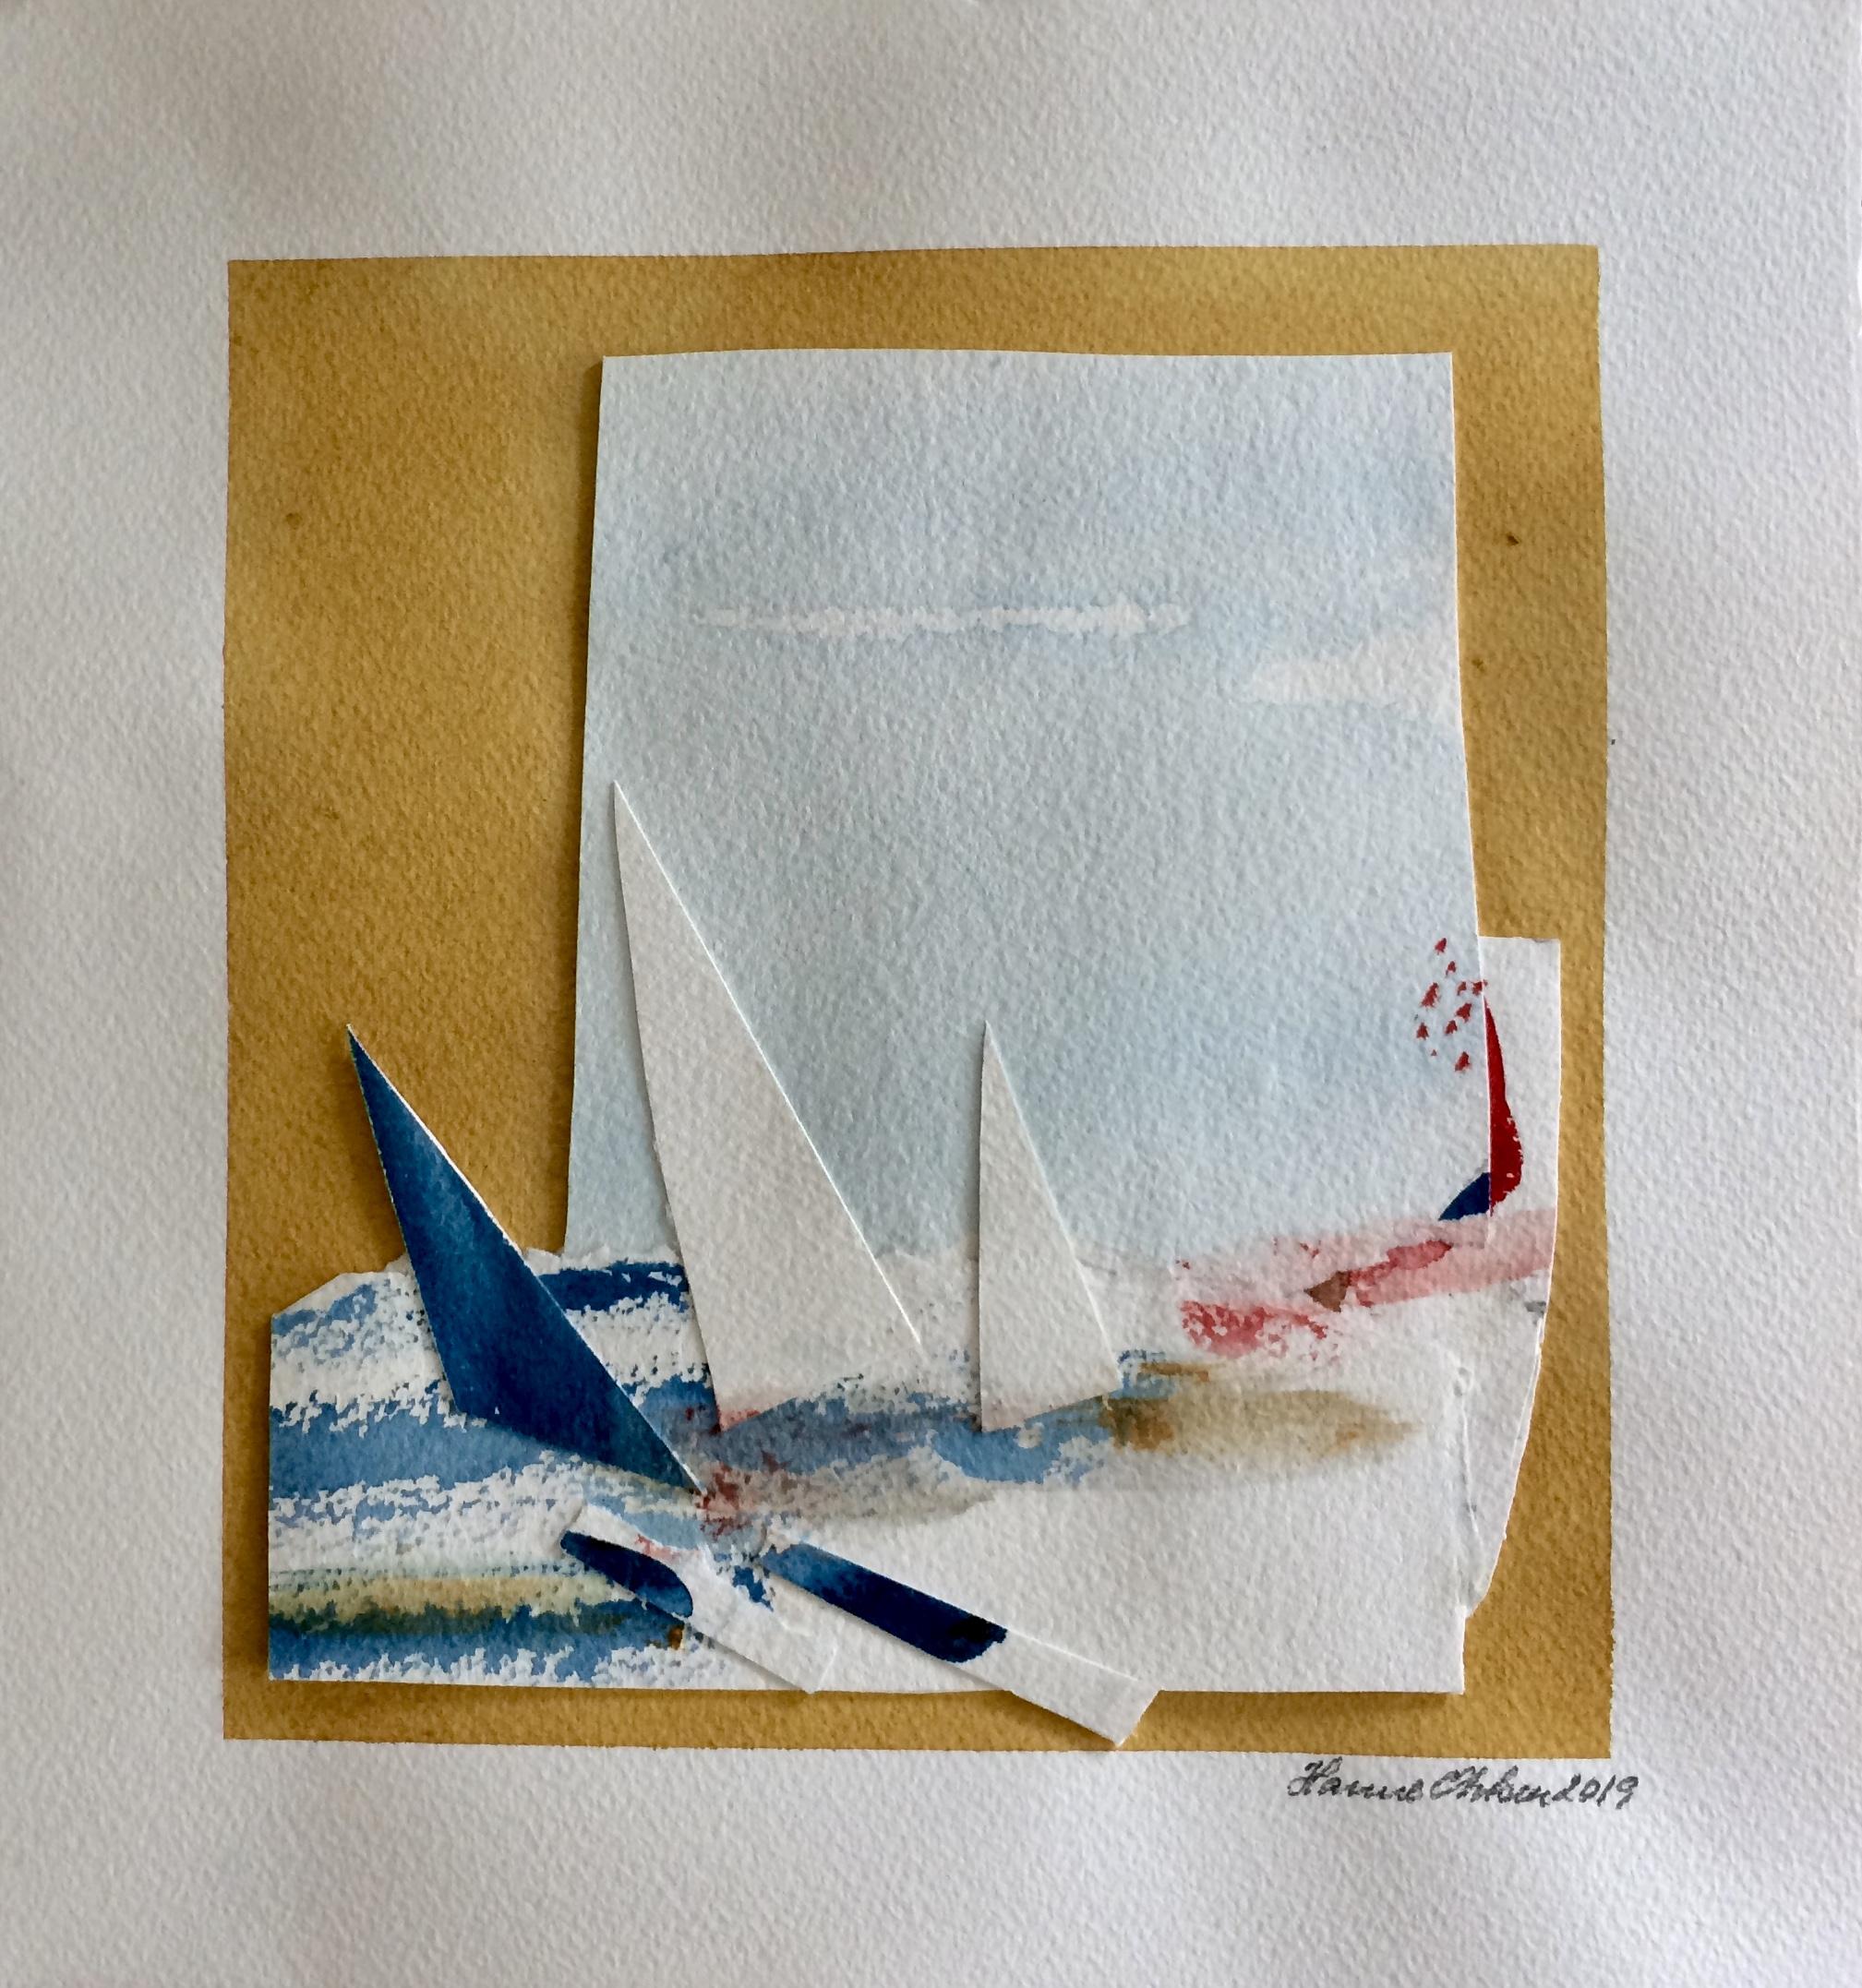 Collage af havet. Hanne Ohlsen